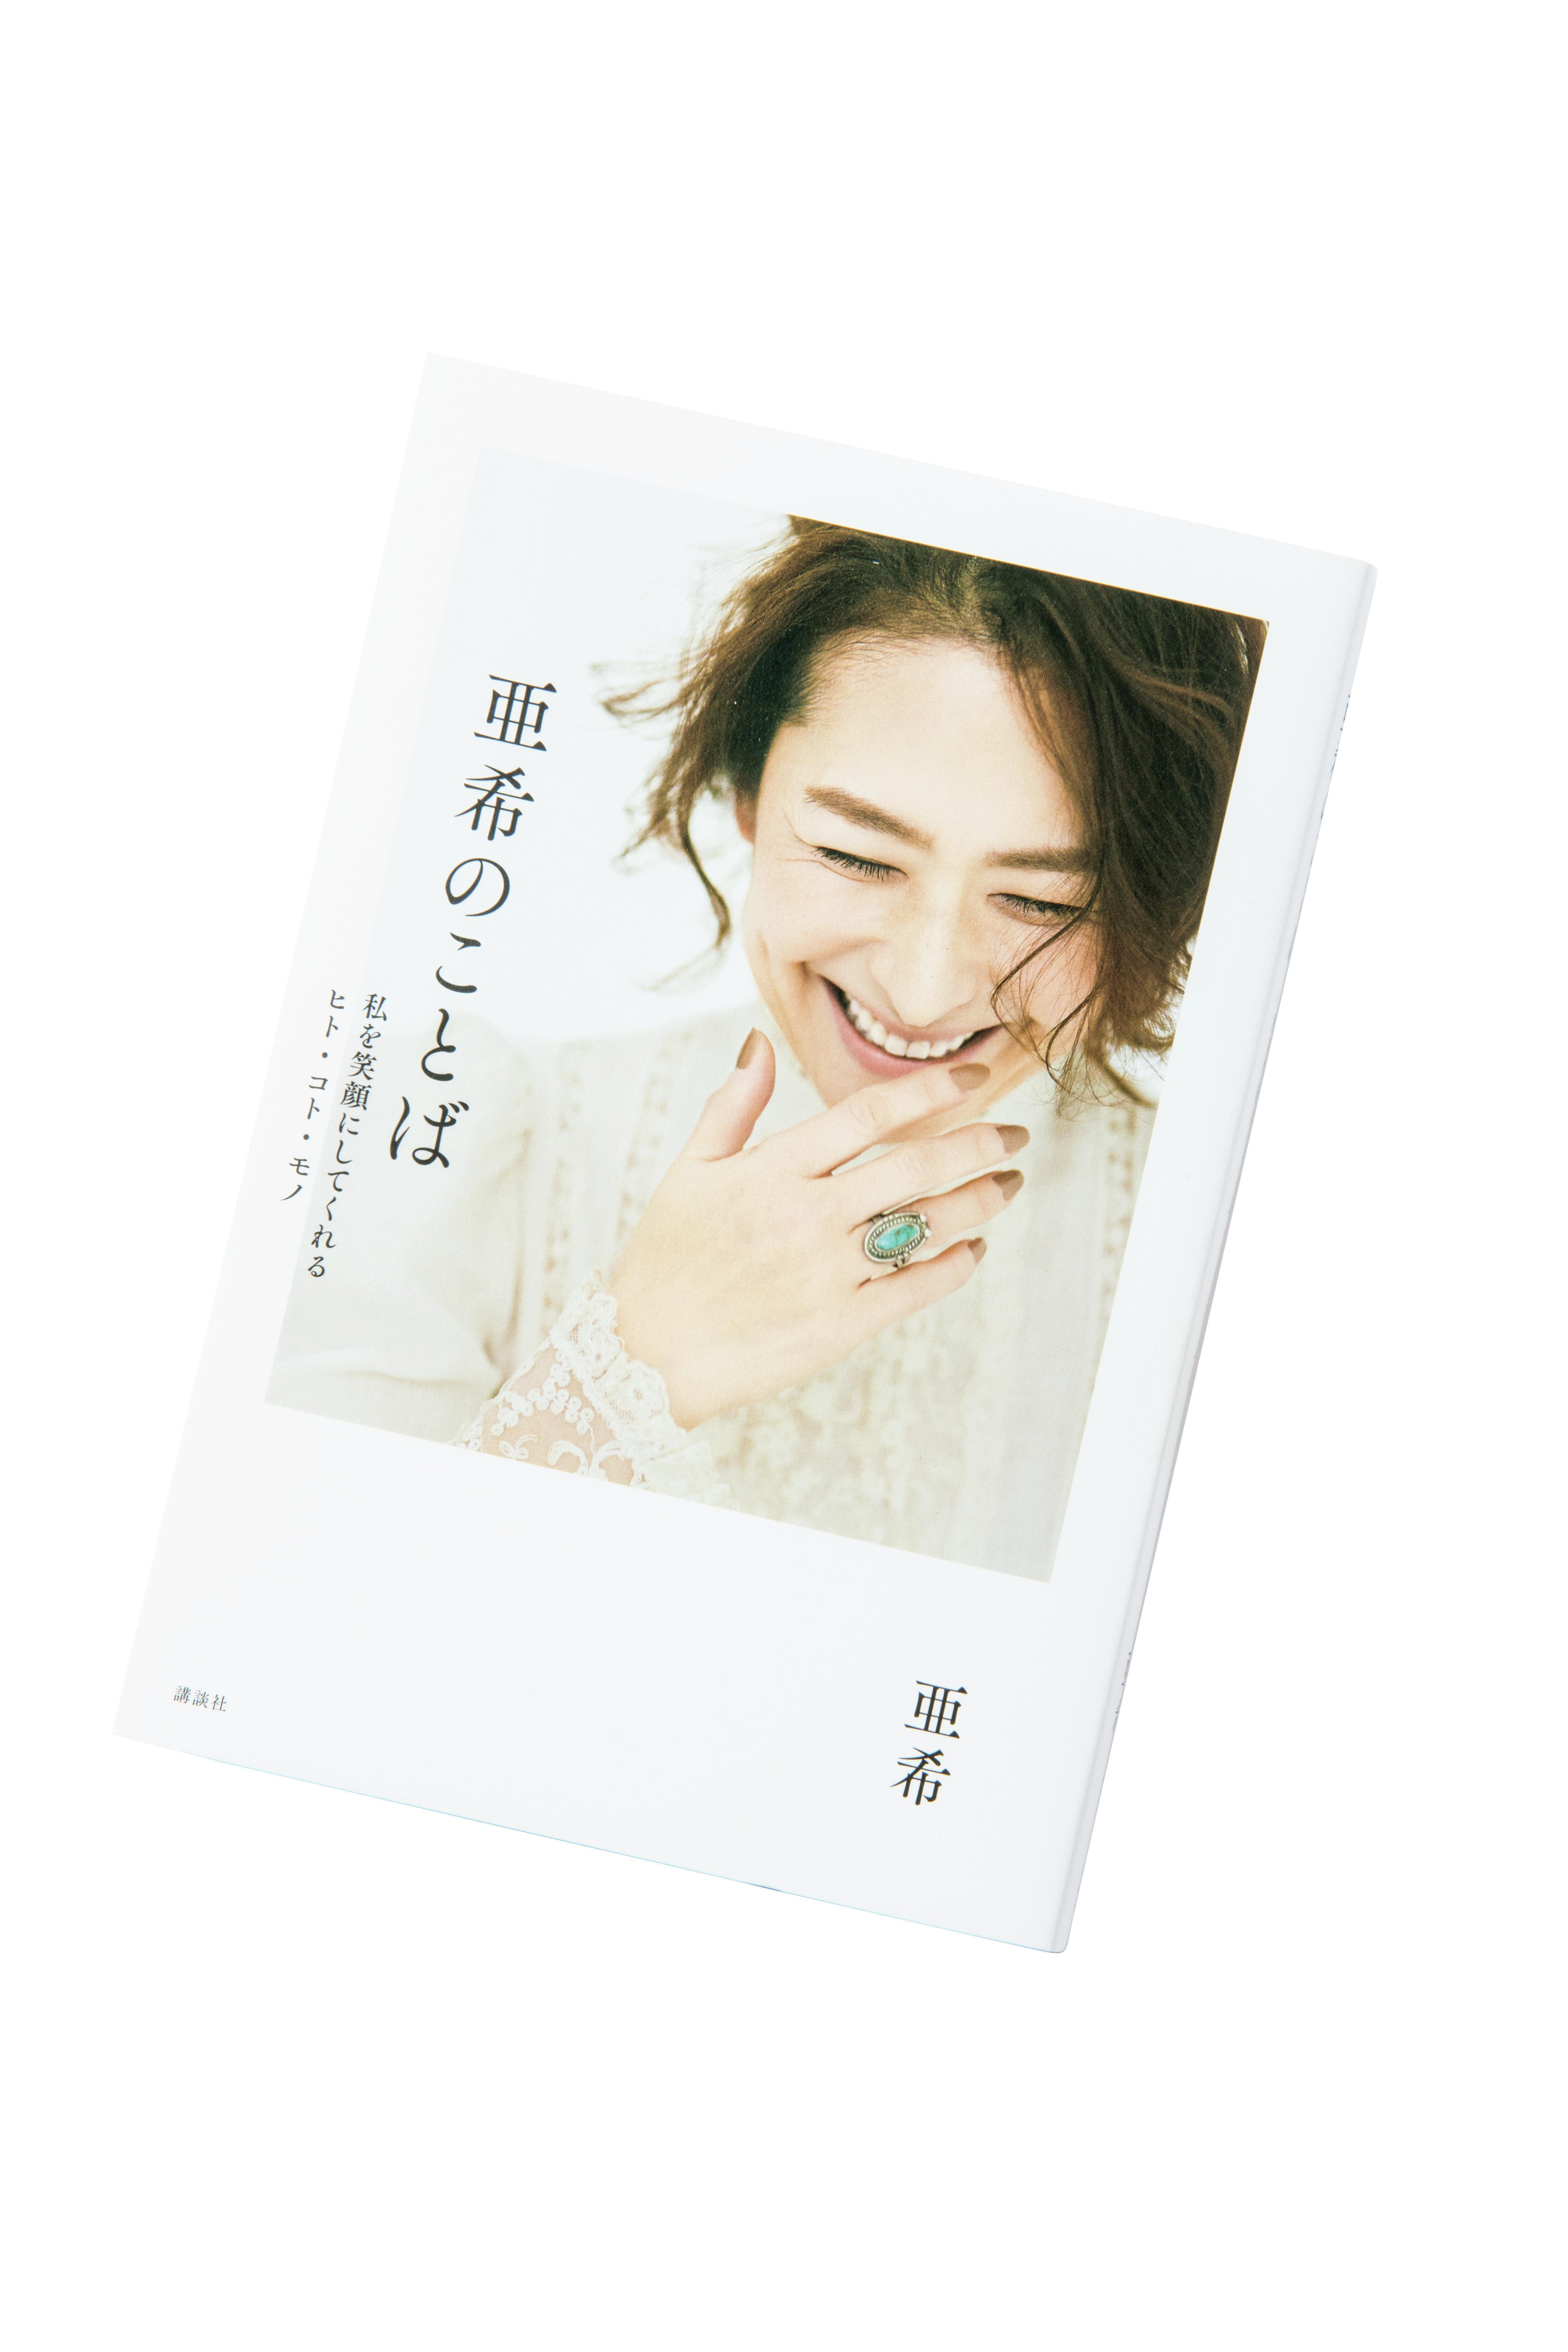 亜希さん、初のエッセイ『亜希のことば   私を笑顔にしてくれるヒト・コト・モノ』刊行!WEB限定インタビュー【後半】_1_2